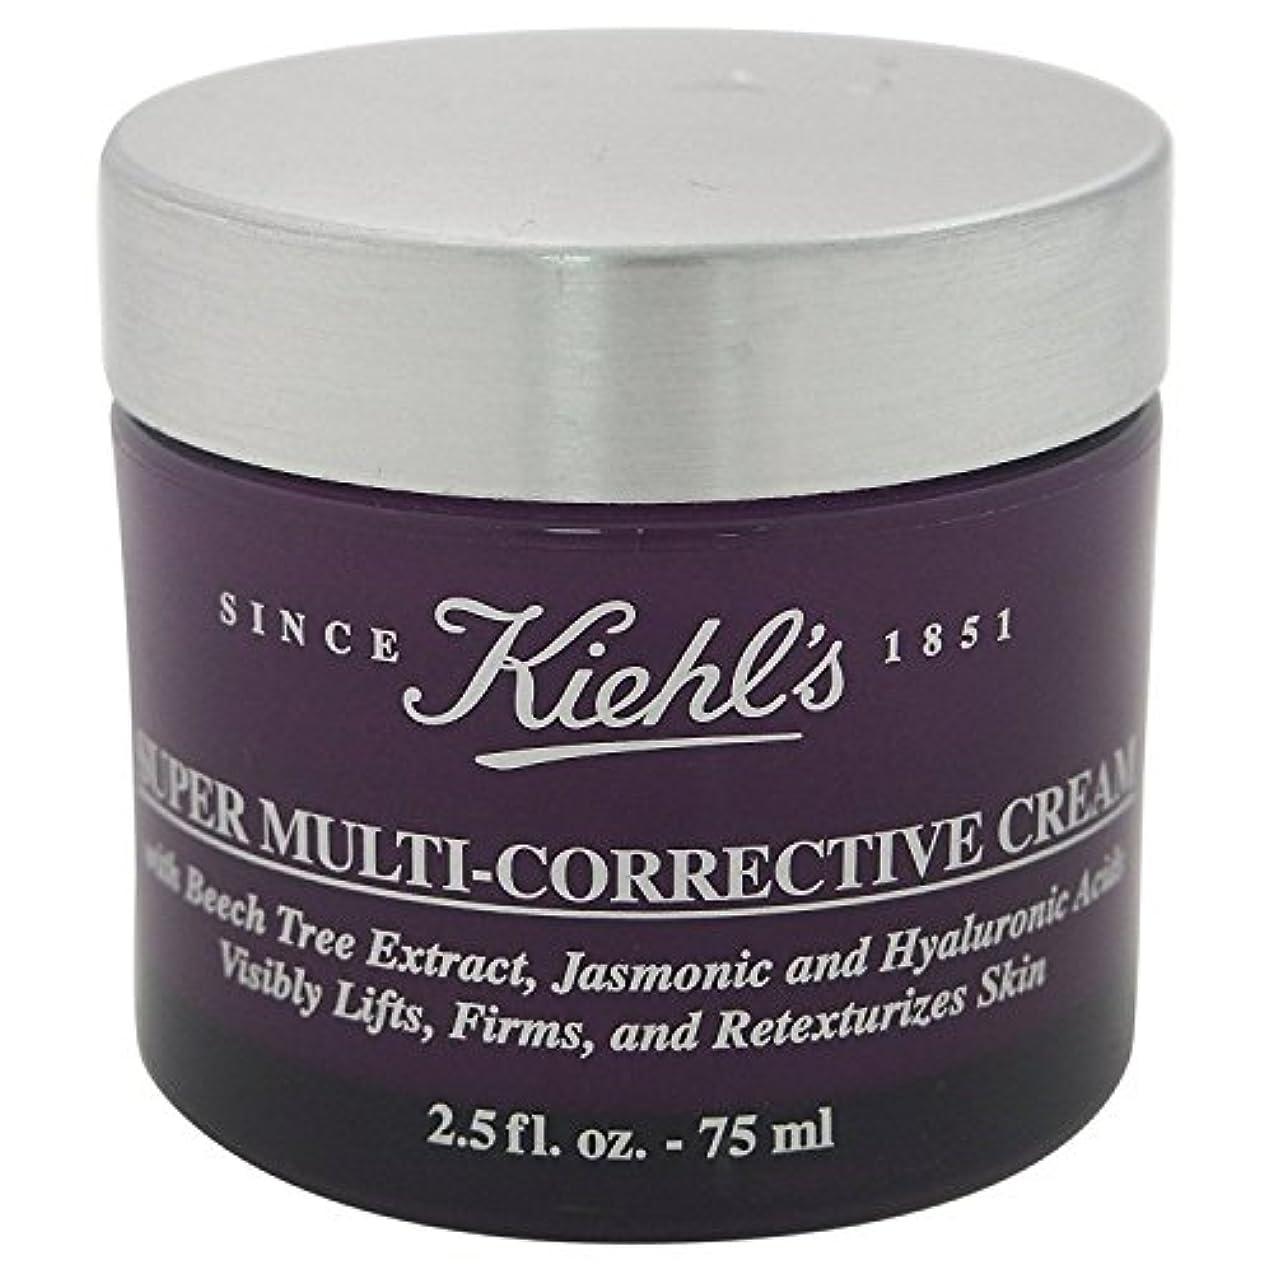 メール発疹発火するキールズ(Kiehl's) スーパー マルチ コレクティブ クリーム 75ml [並行輸入品]